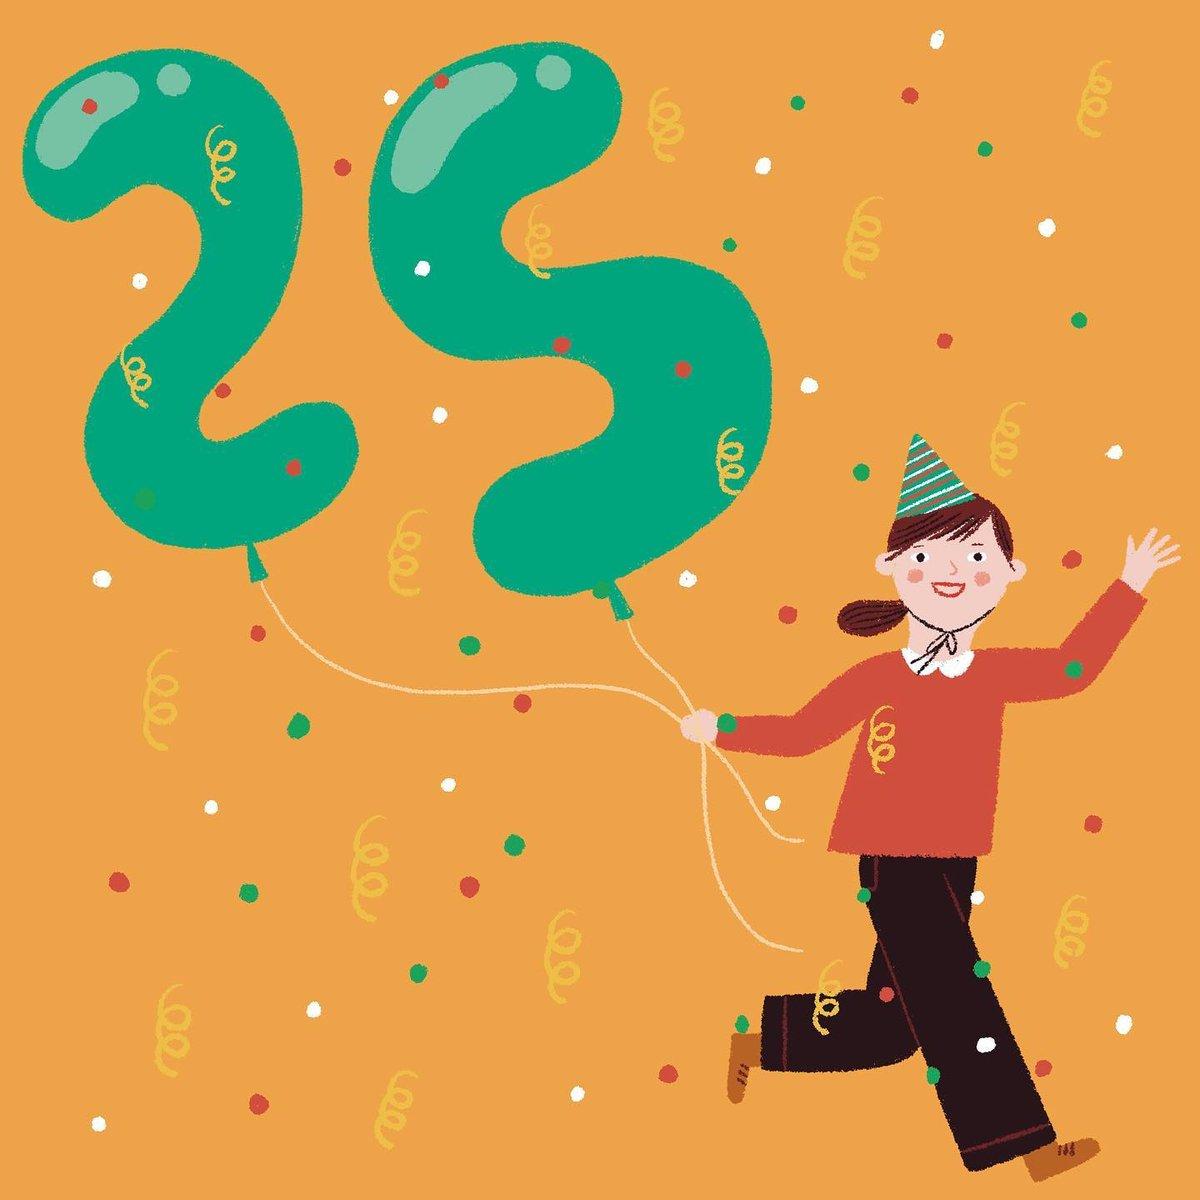 Geburtstagswünsche 25 Jahre - Sprüche zum 25. Geburtstag